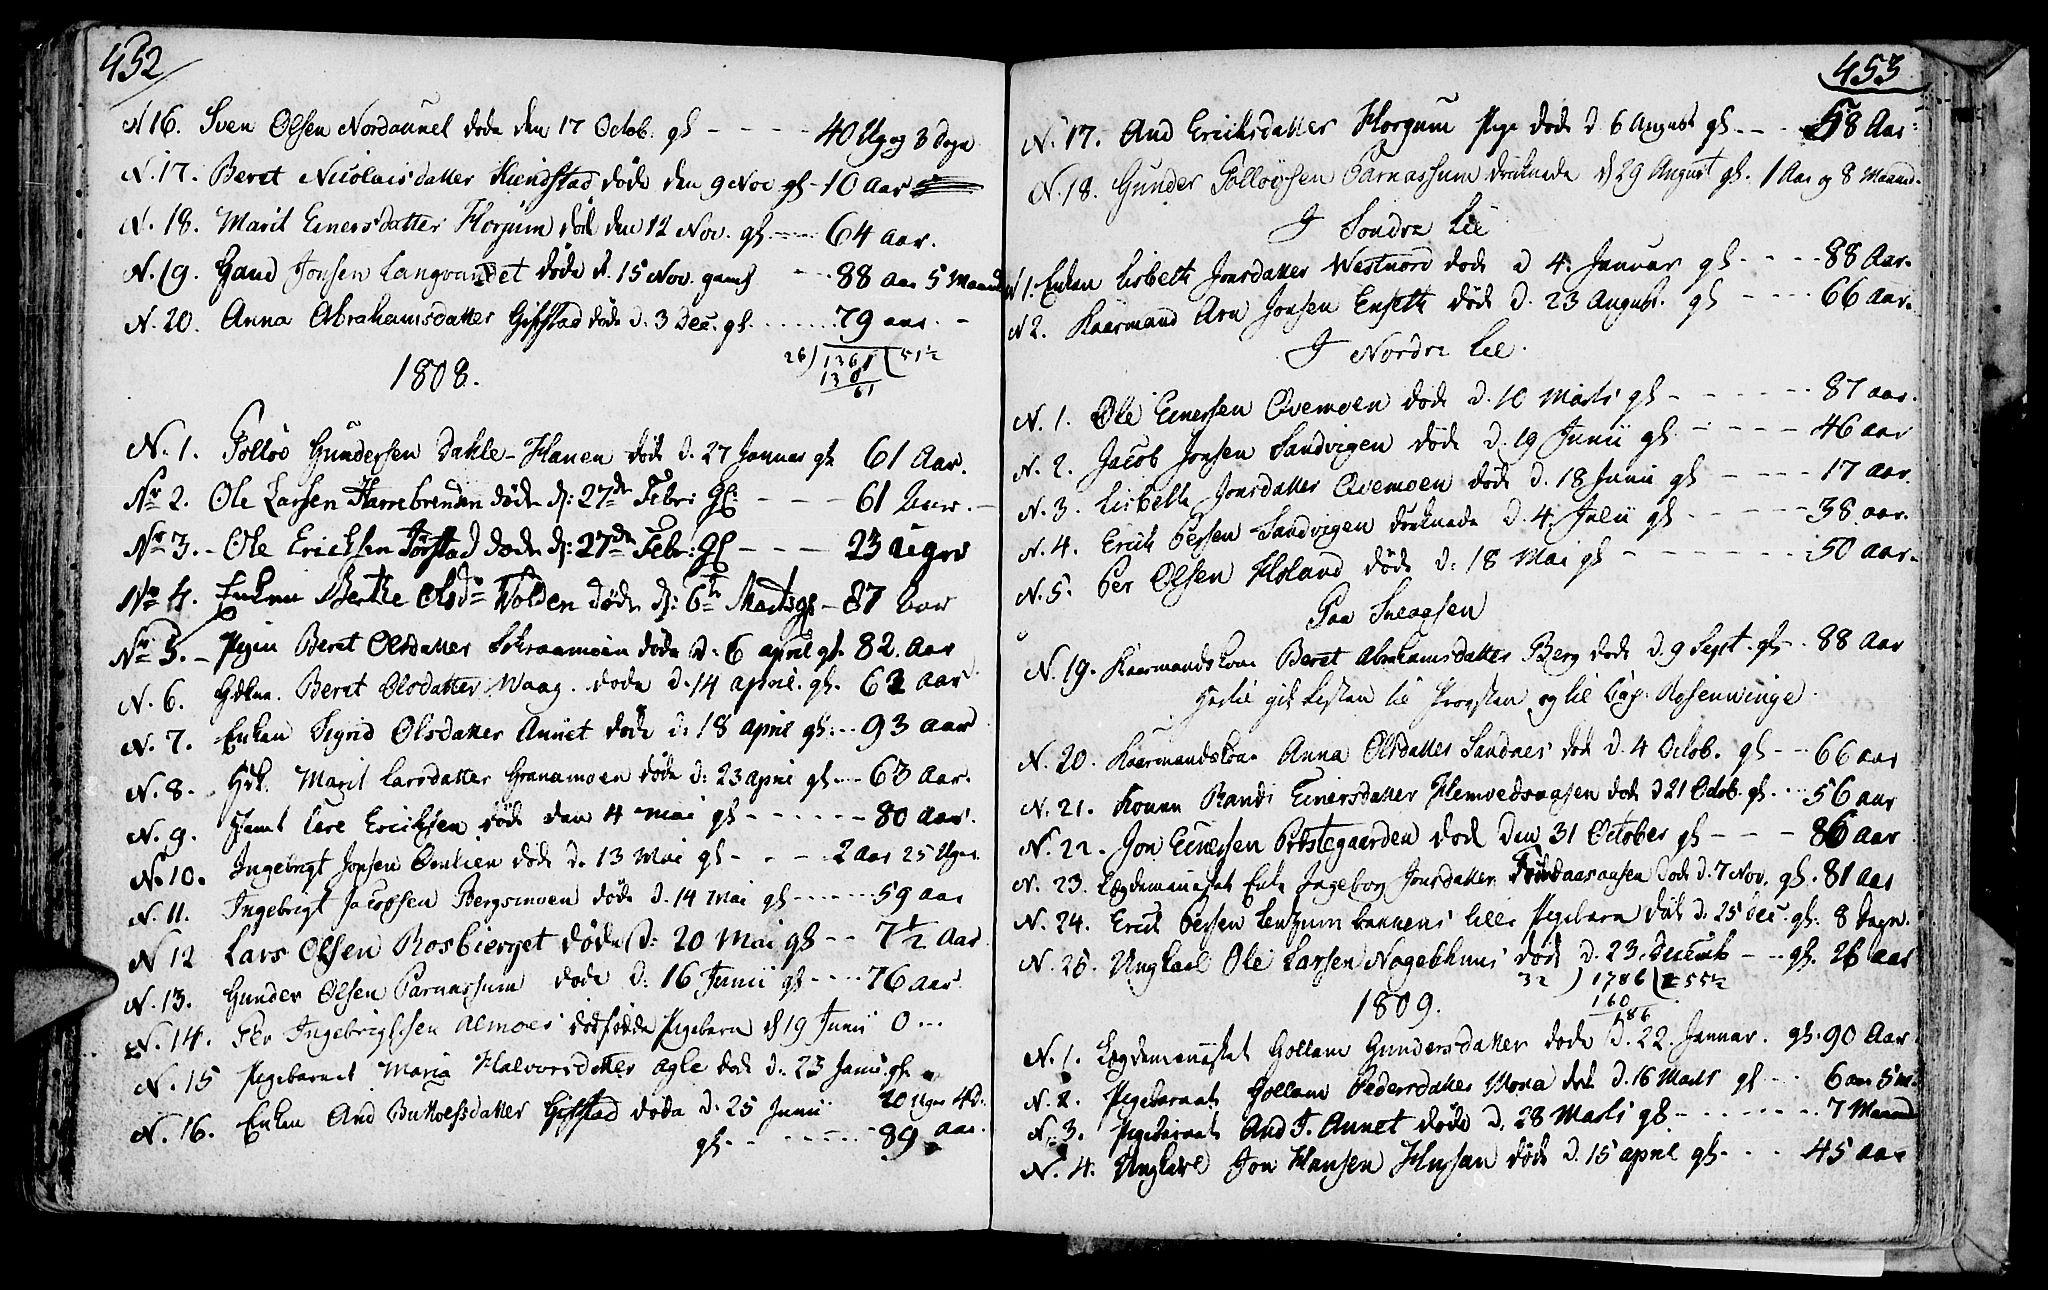 SAT, Ministerialprotokoller, klokkerbøker og fødselsregistre - Nord-Trøndelag, 749/L0468: Ministerialbok nr. 749A02, 1787-1817, s. 452-453